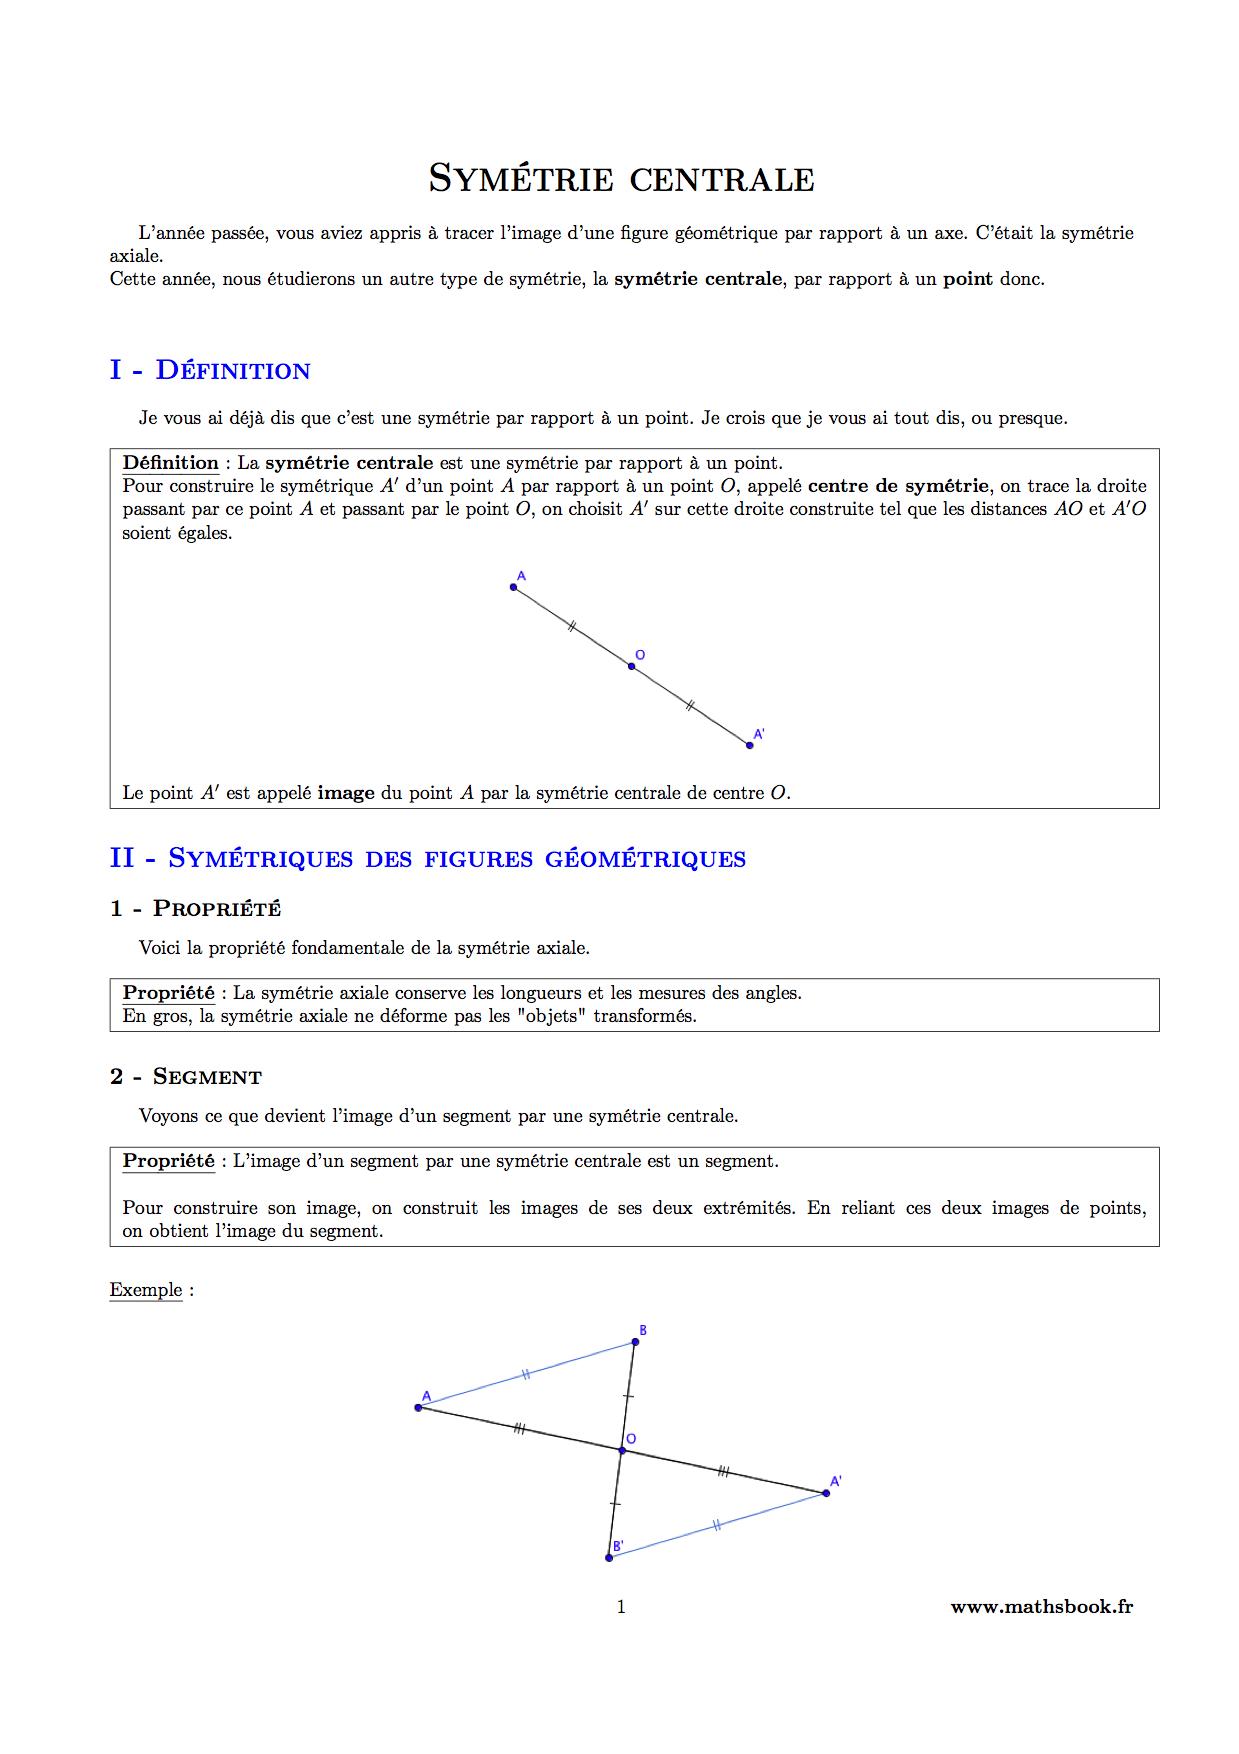 Symétrie Centrale : Cours Pdf À Imprimer | Maths 5Ème tout Symétrie A Imprimer